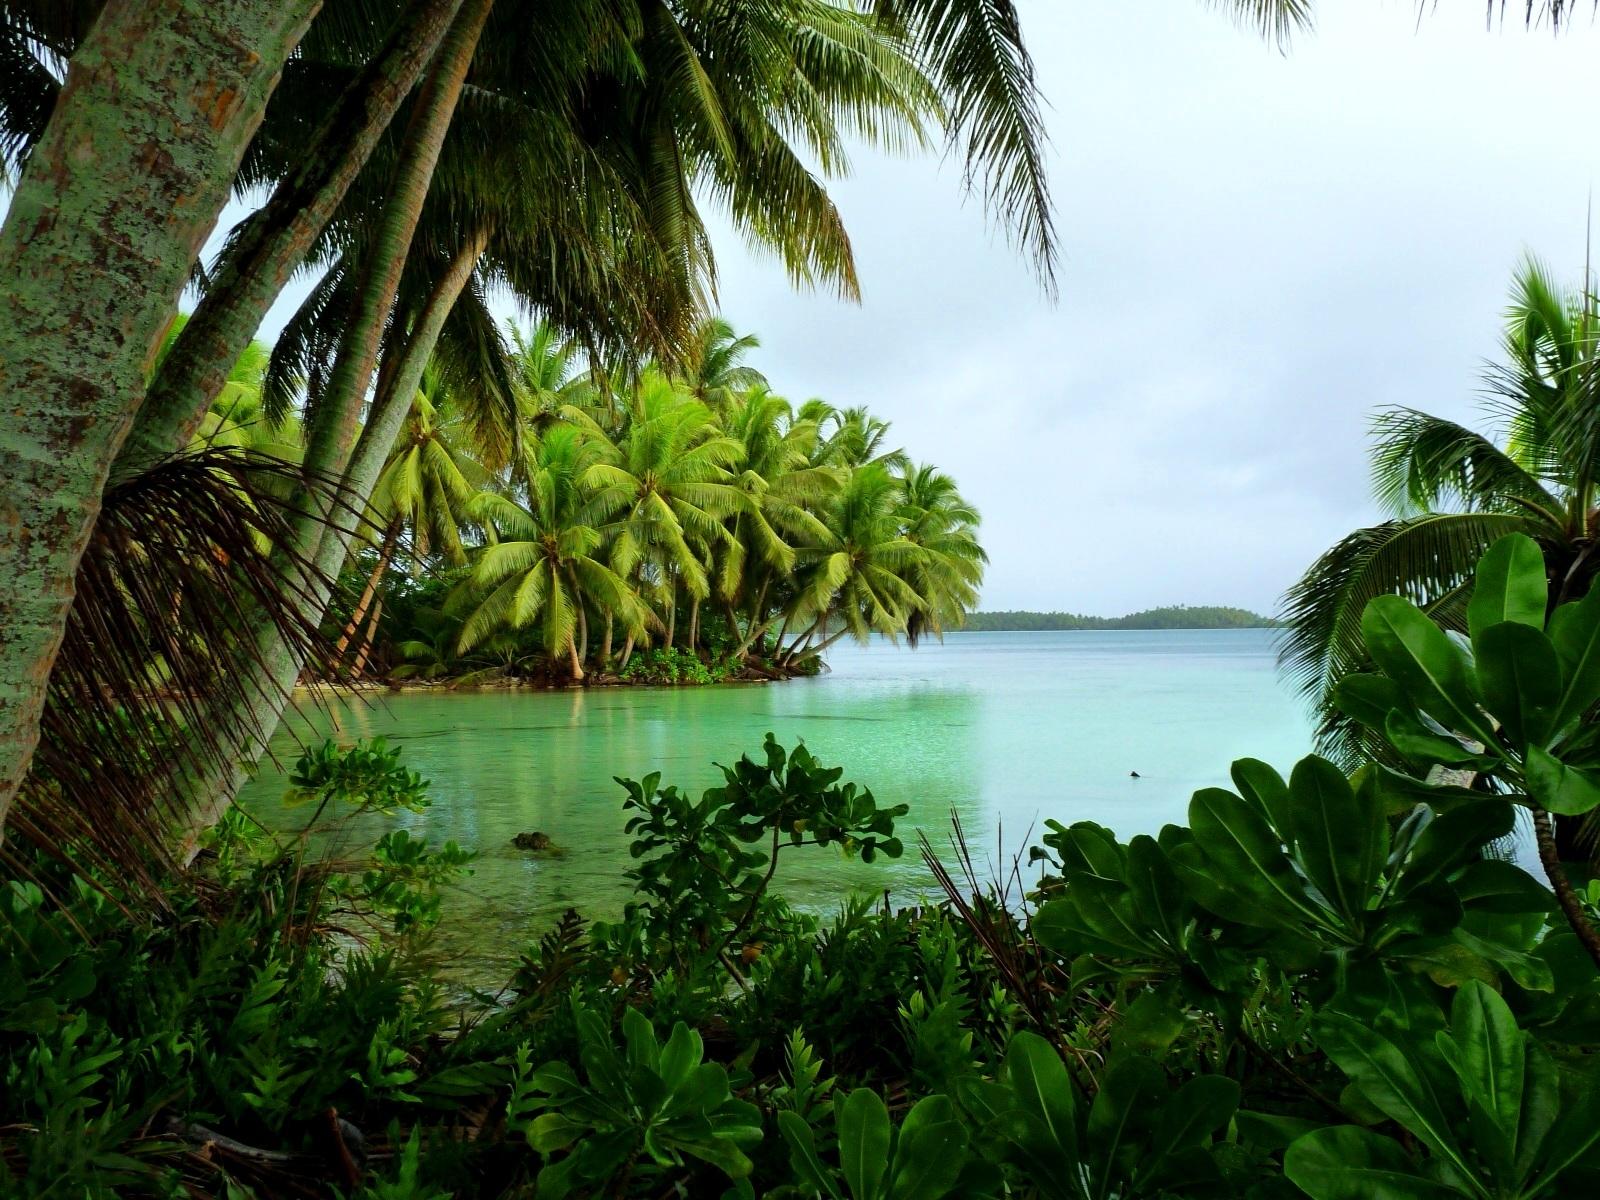 Strawn_Island_at_Palmyra_Atoll_NWR_%2851